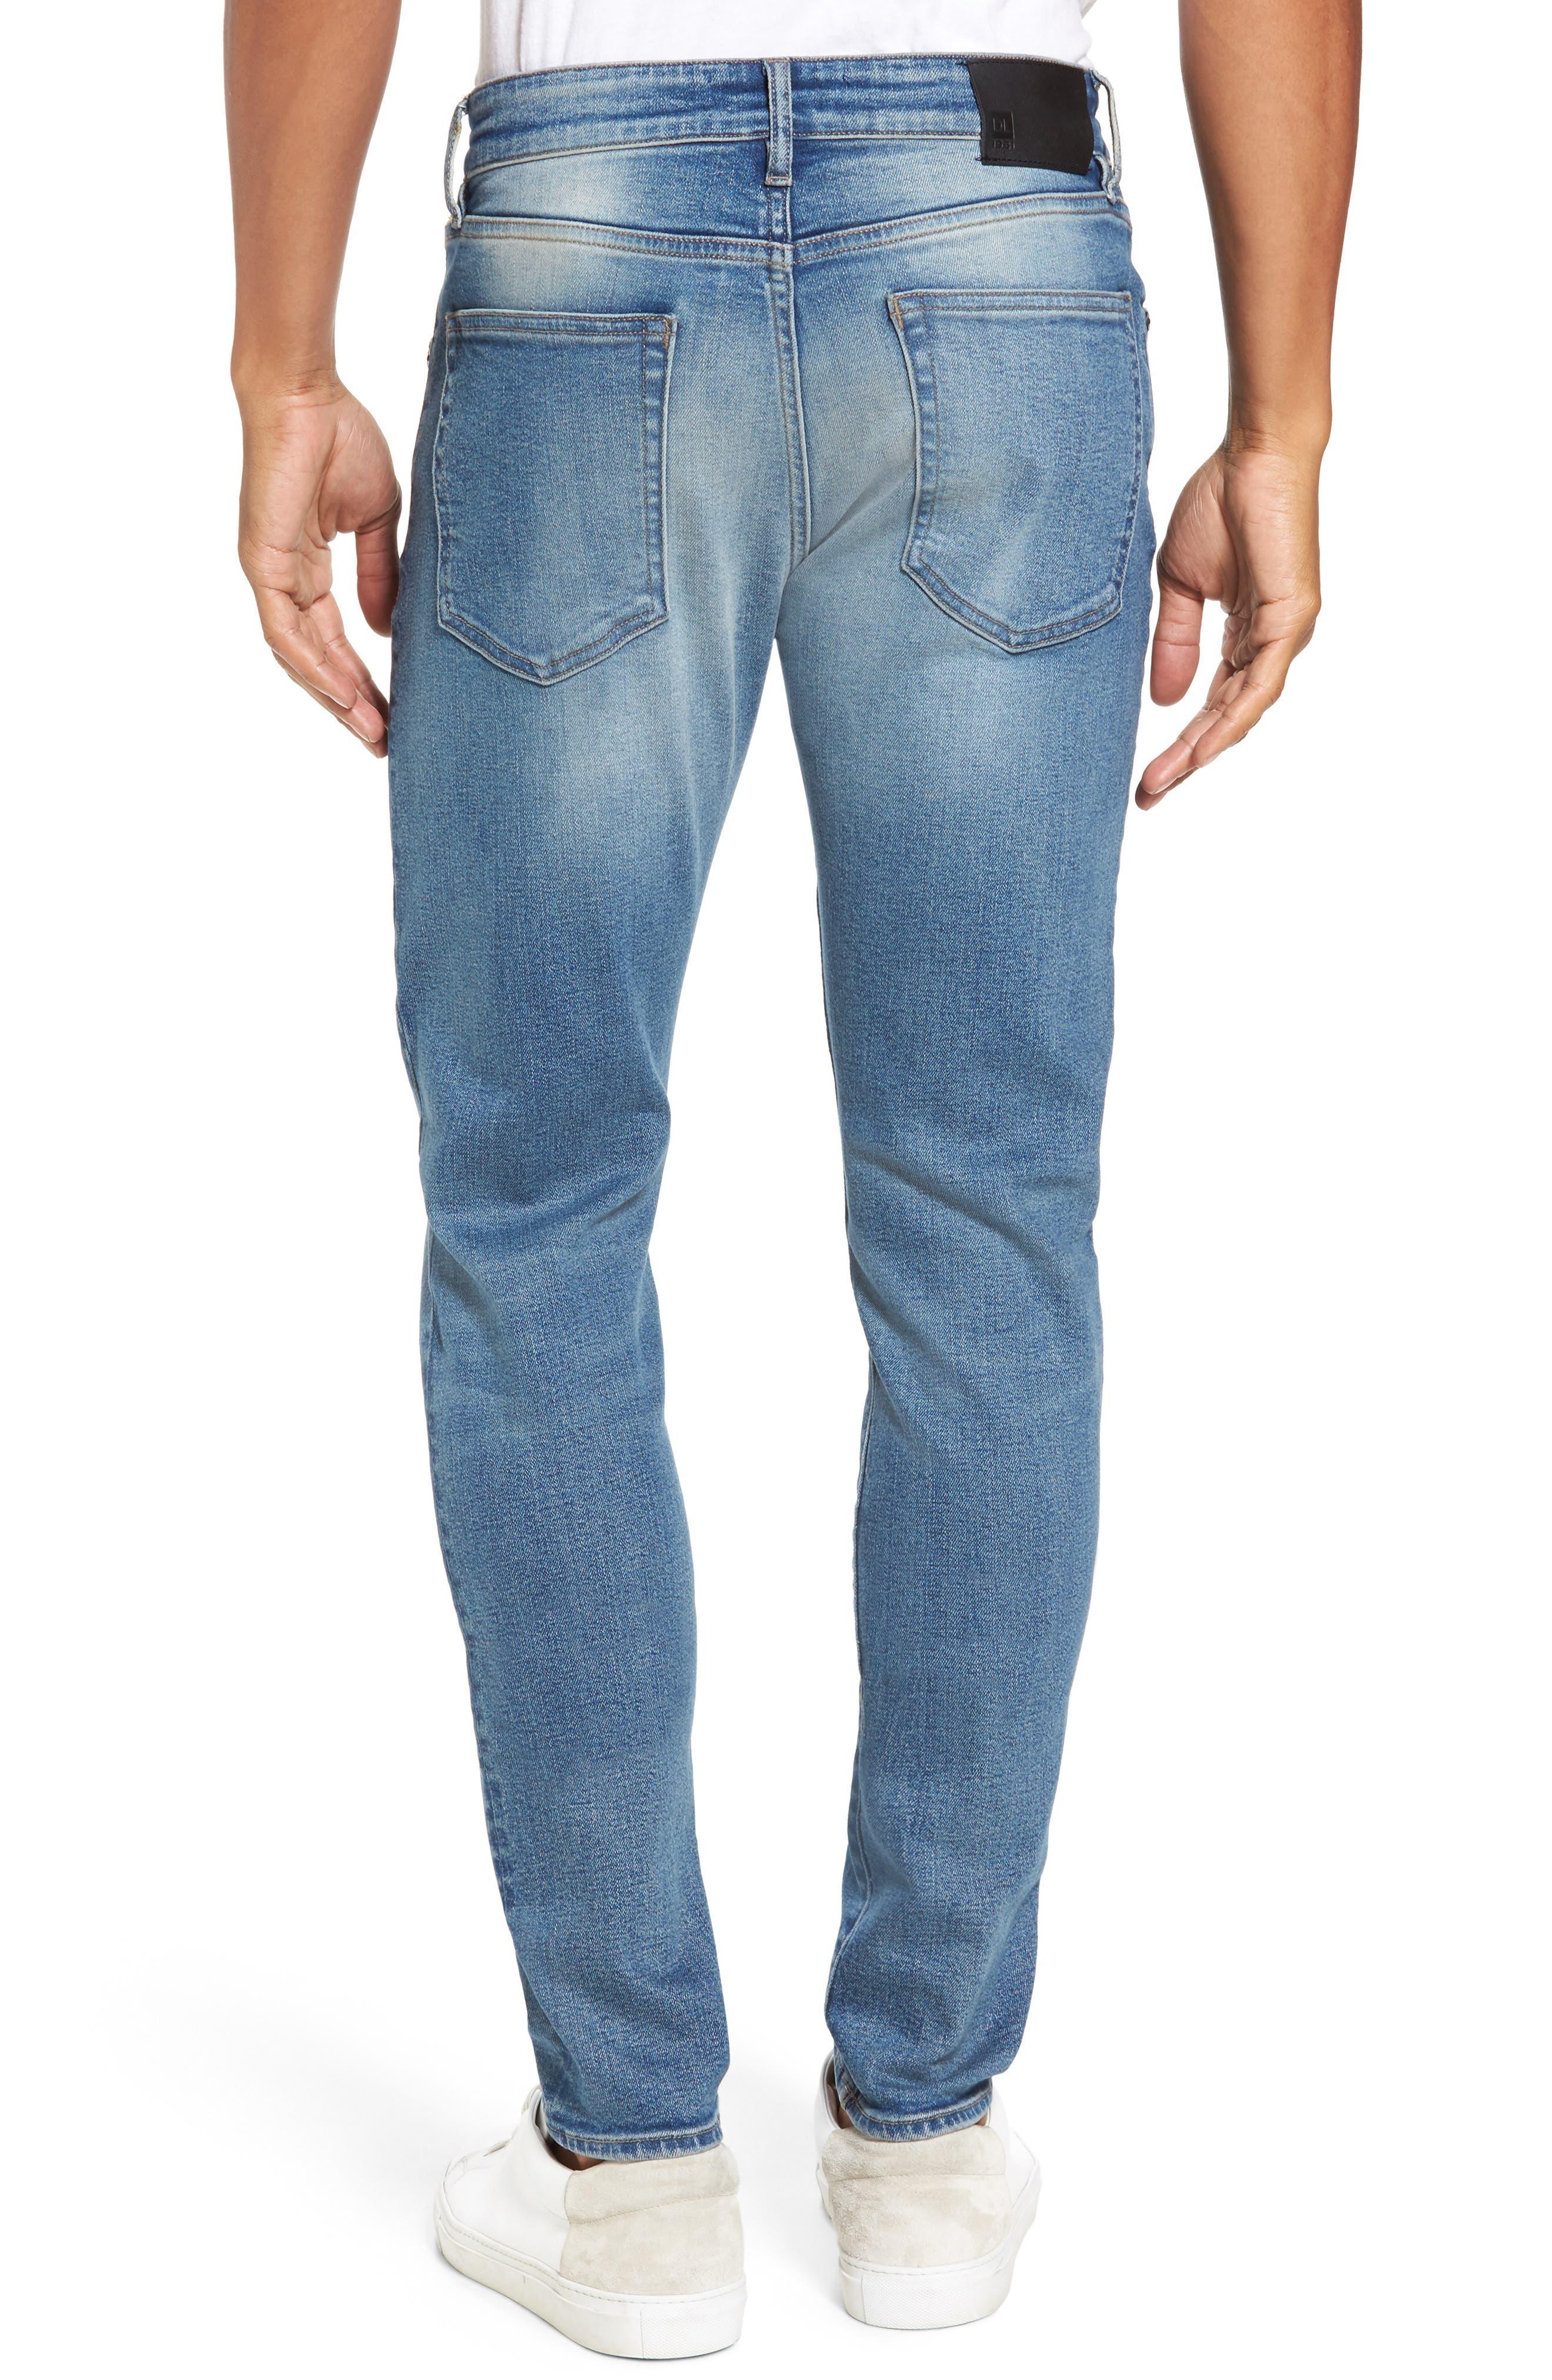 Hunter Skinny Jeans,                             Alternate thumbnail 2, color,                             HALT 2